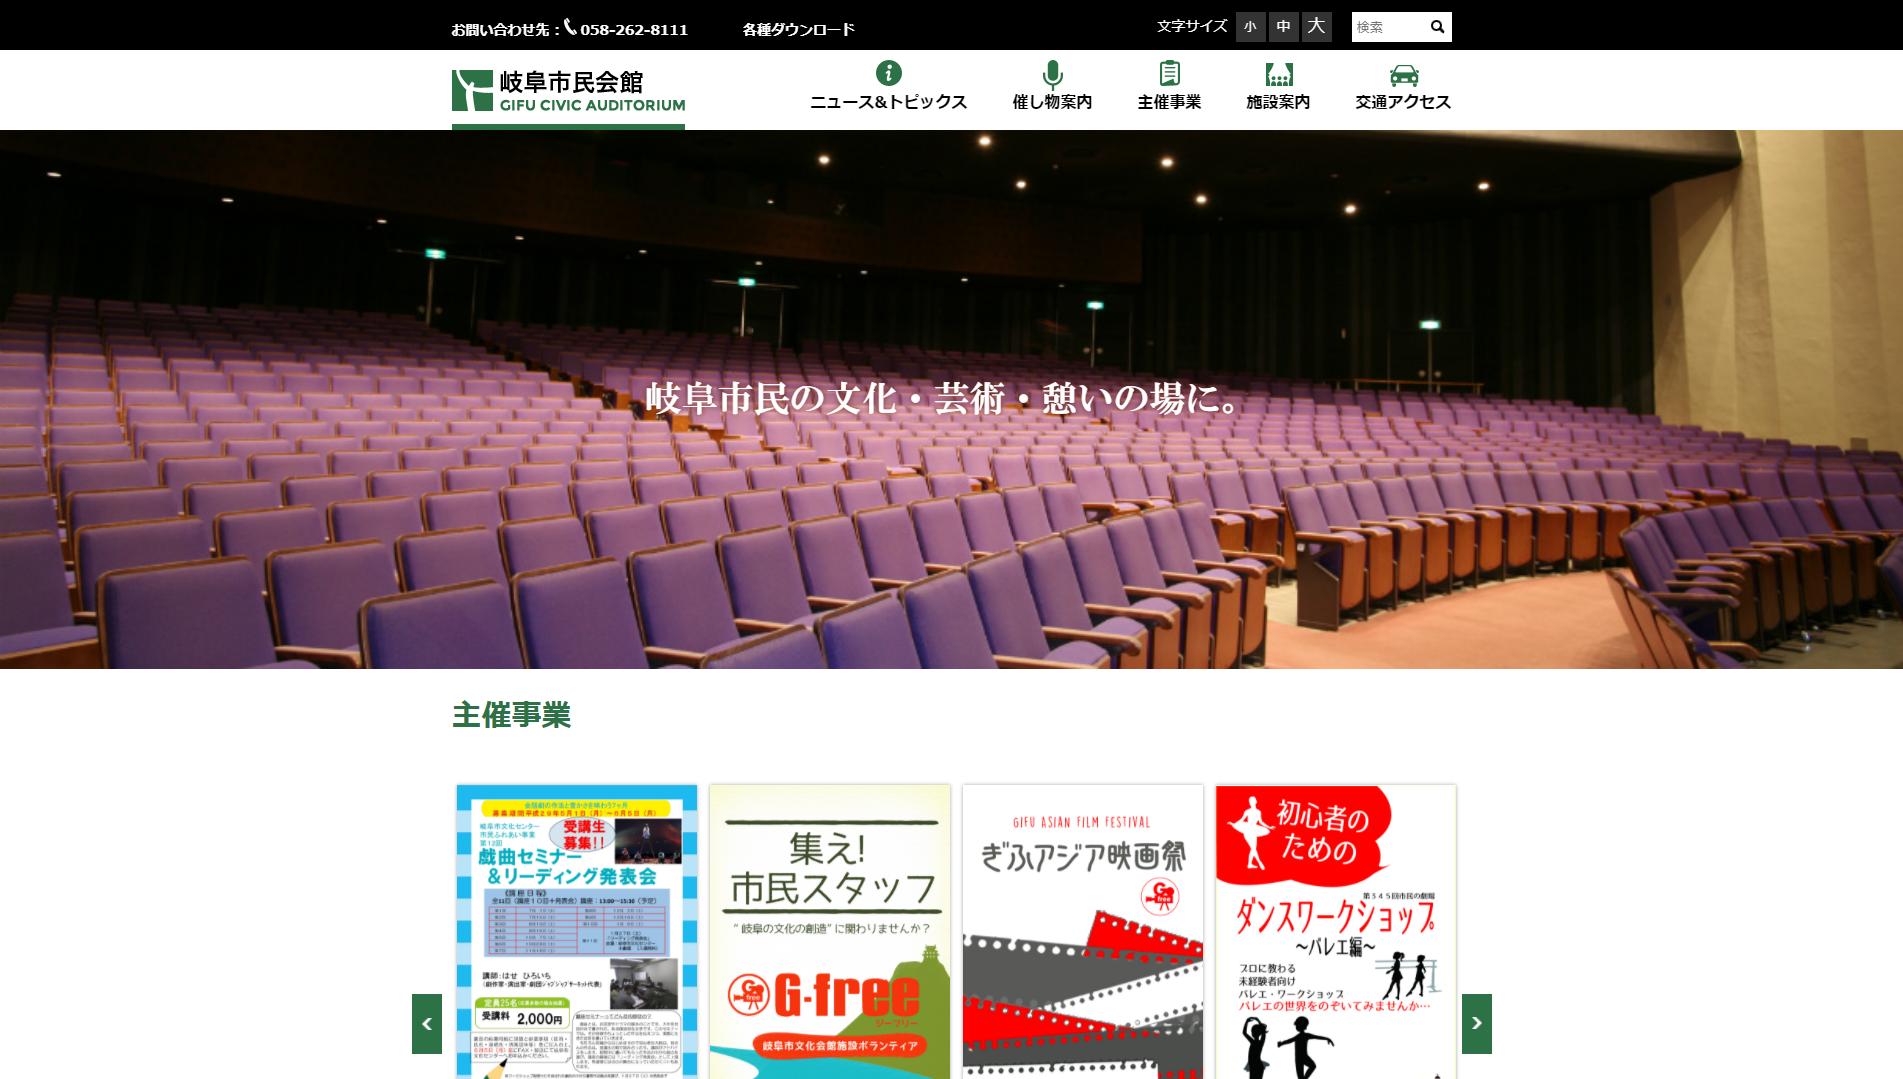 岐阜市民会館の座席表と会場情報